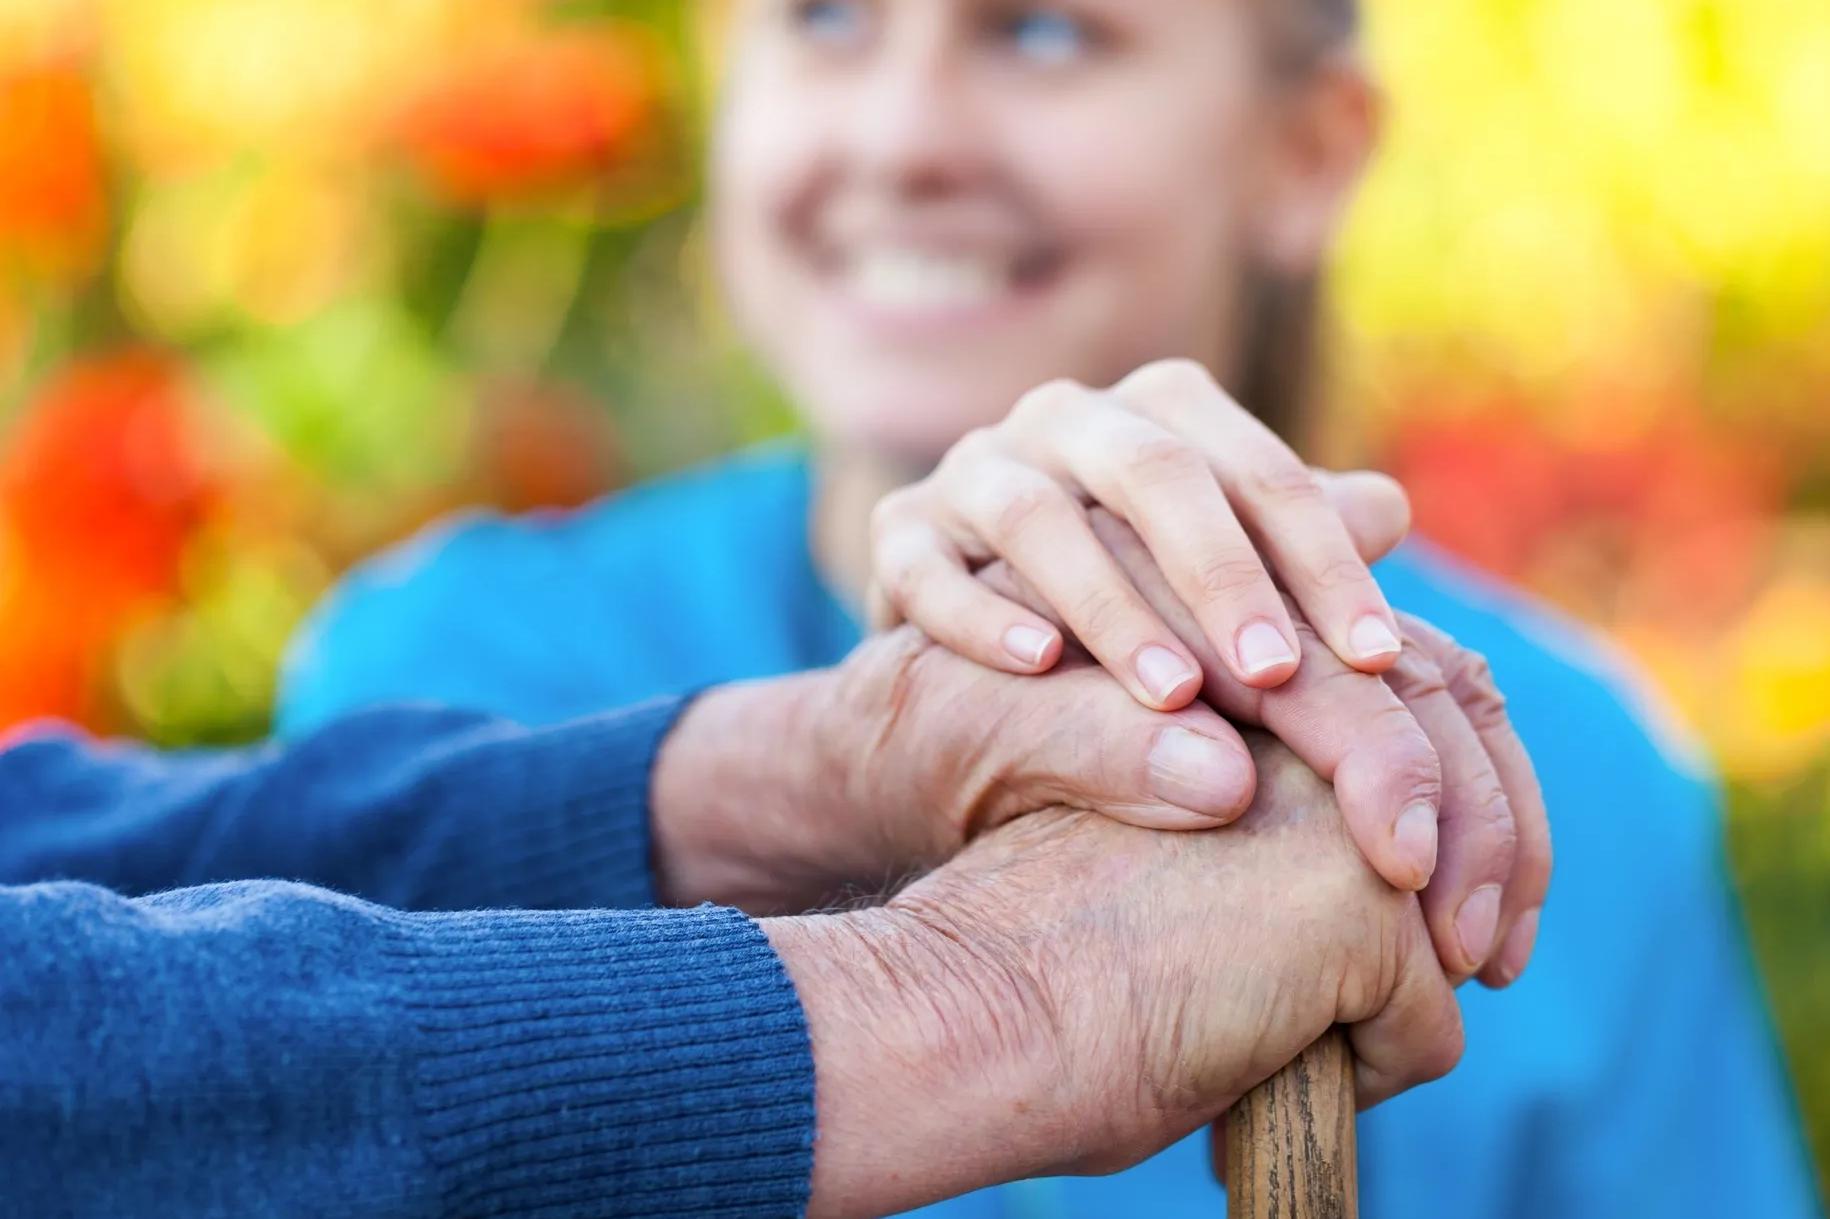 Мы вместе! Помощь оказывают волонтеры и социальные работники